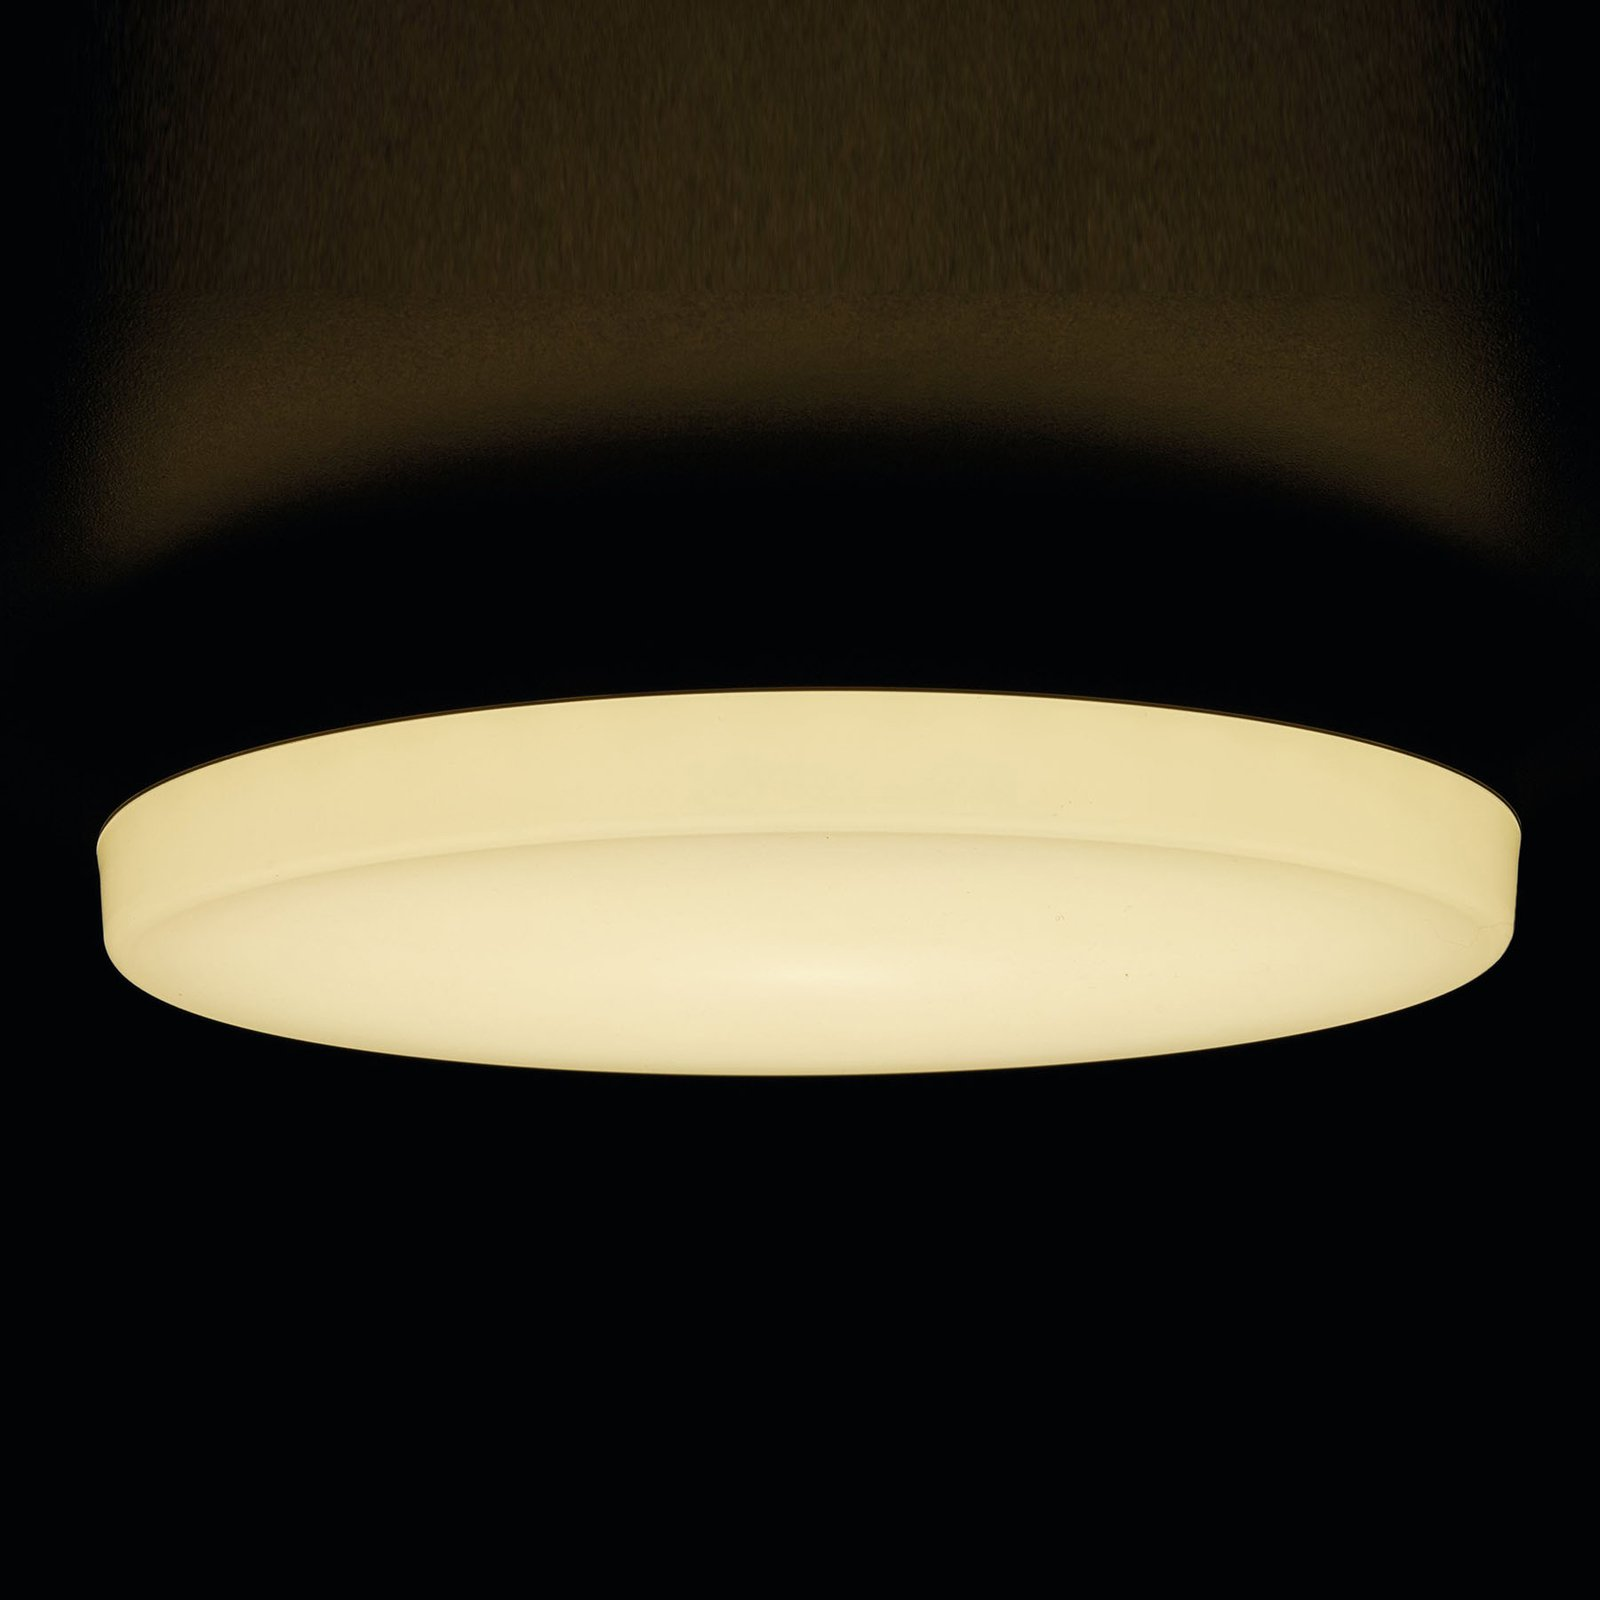 LED-taklampe Pronto, Ø 28 cm